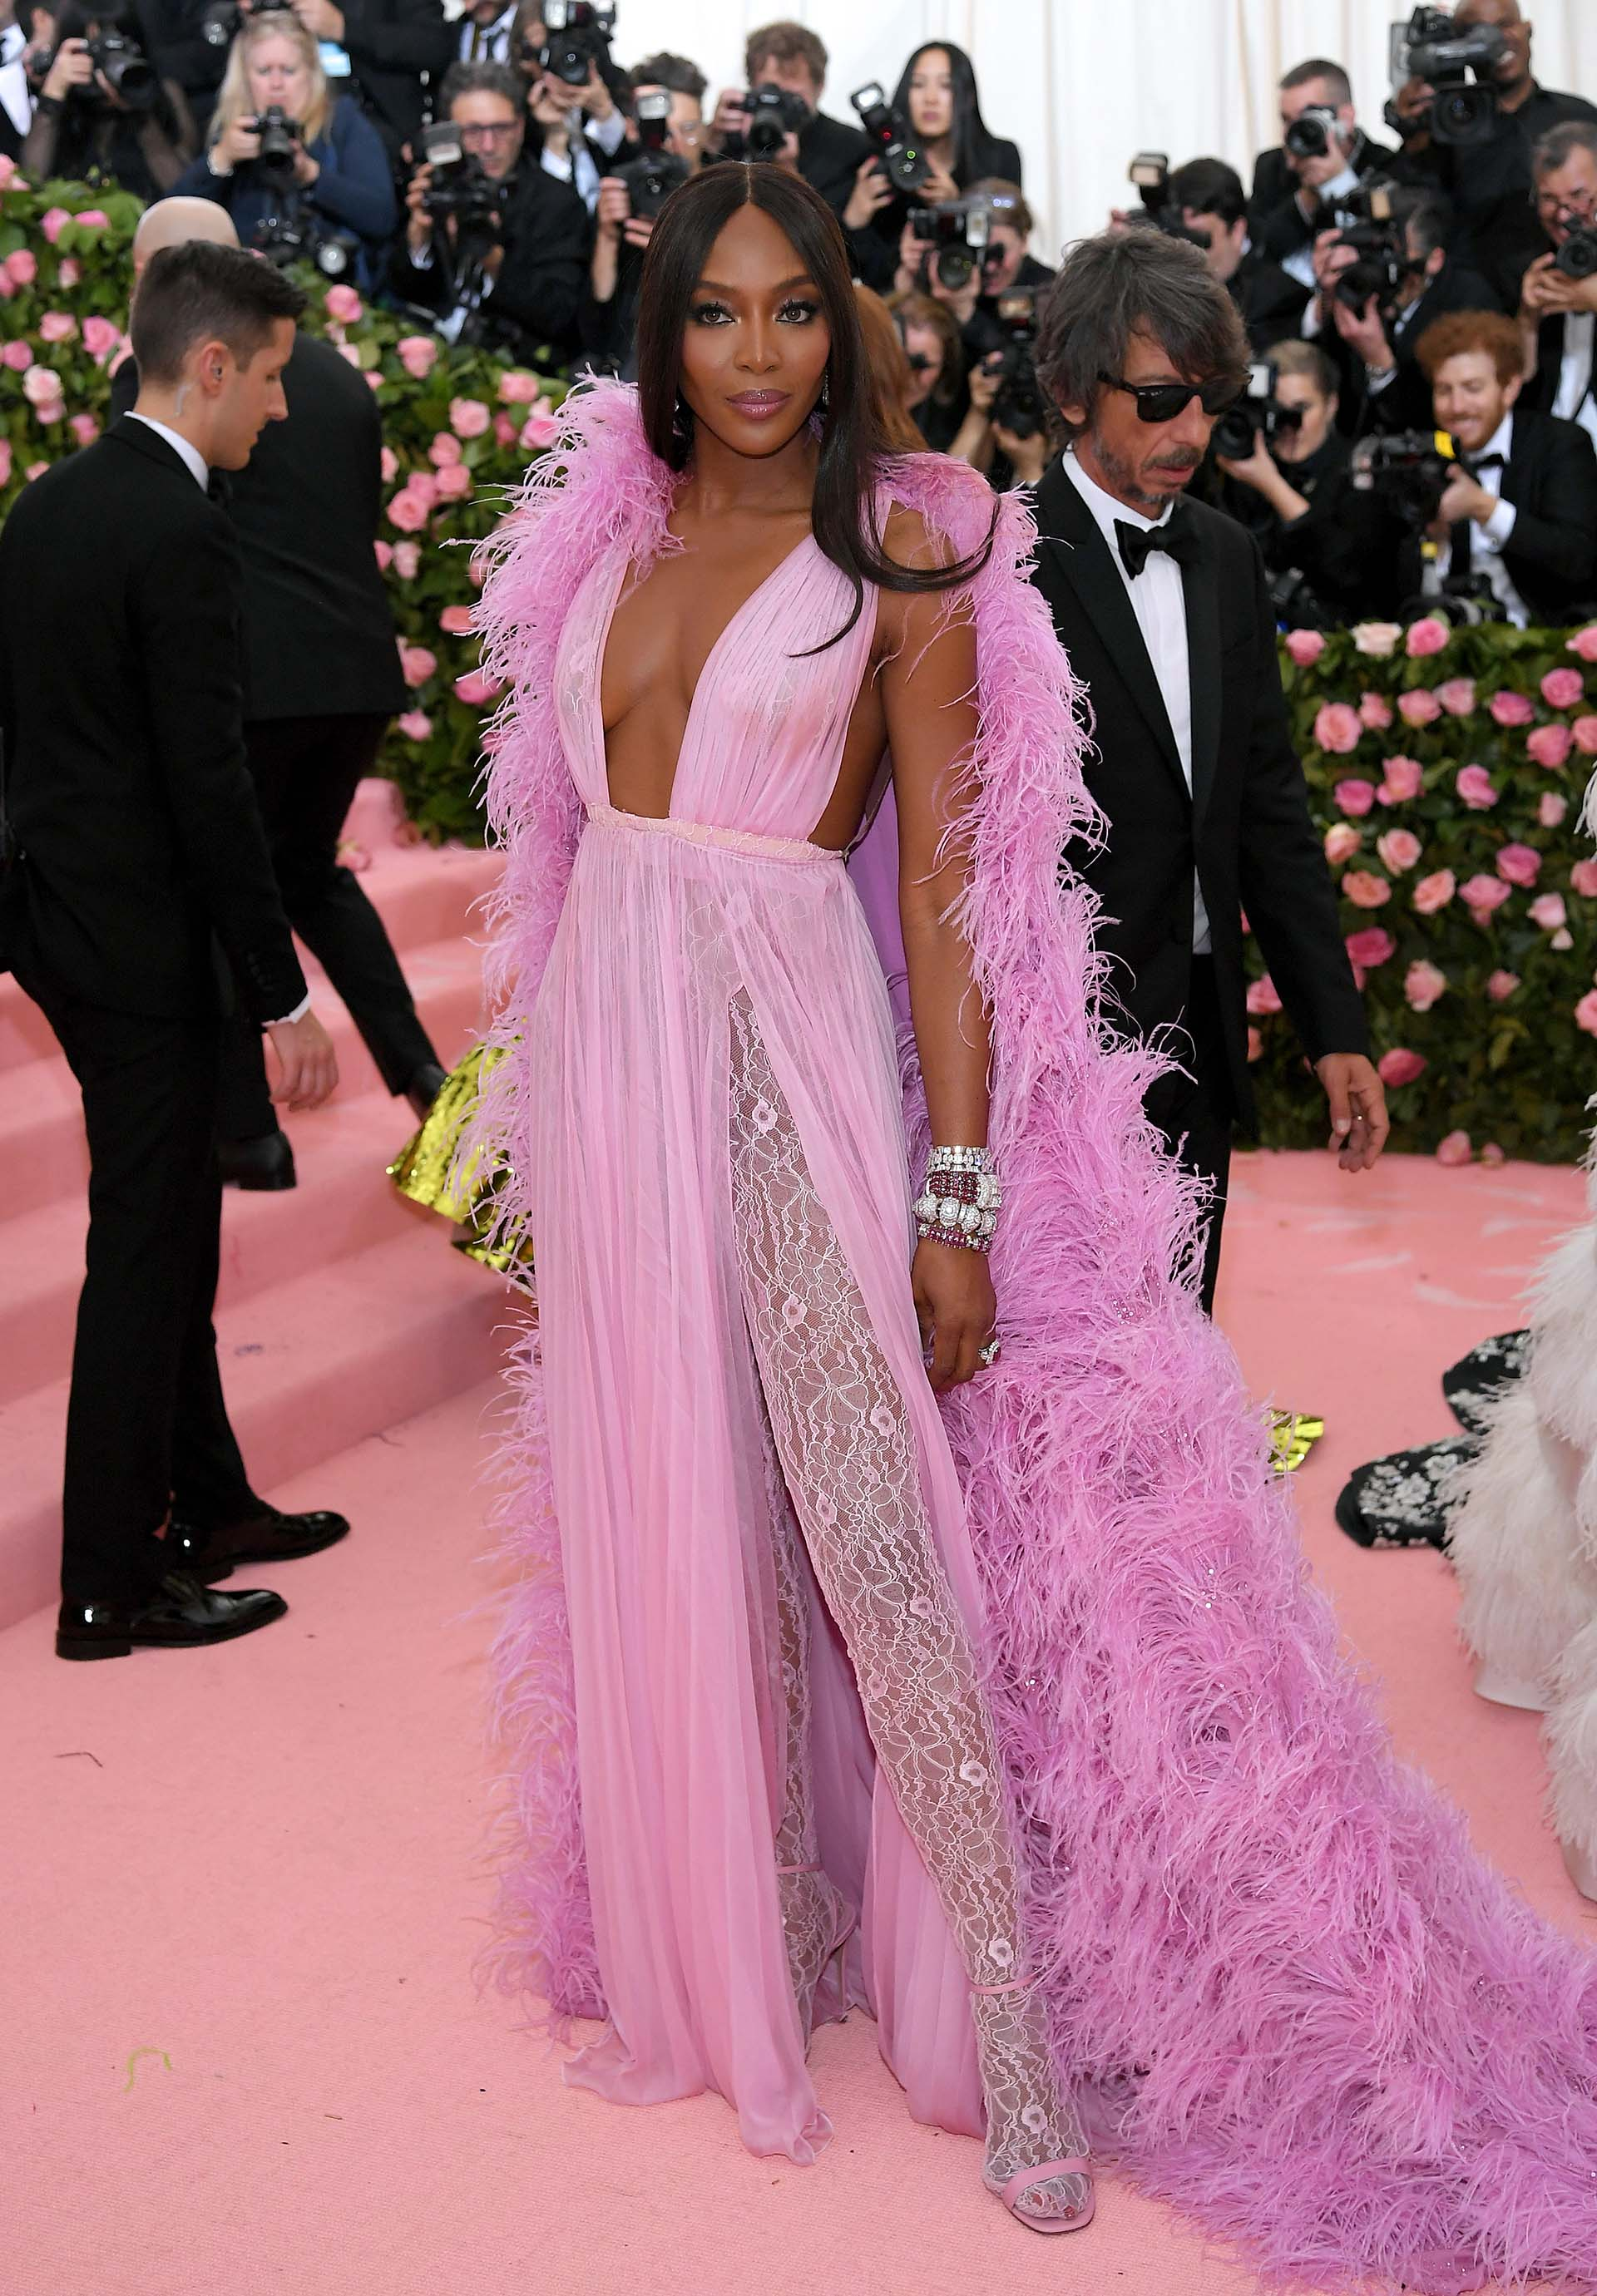 La supermodelo Naomi Campbell optó por un look total pink de pies a cabeza